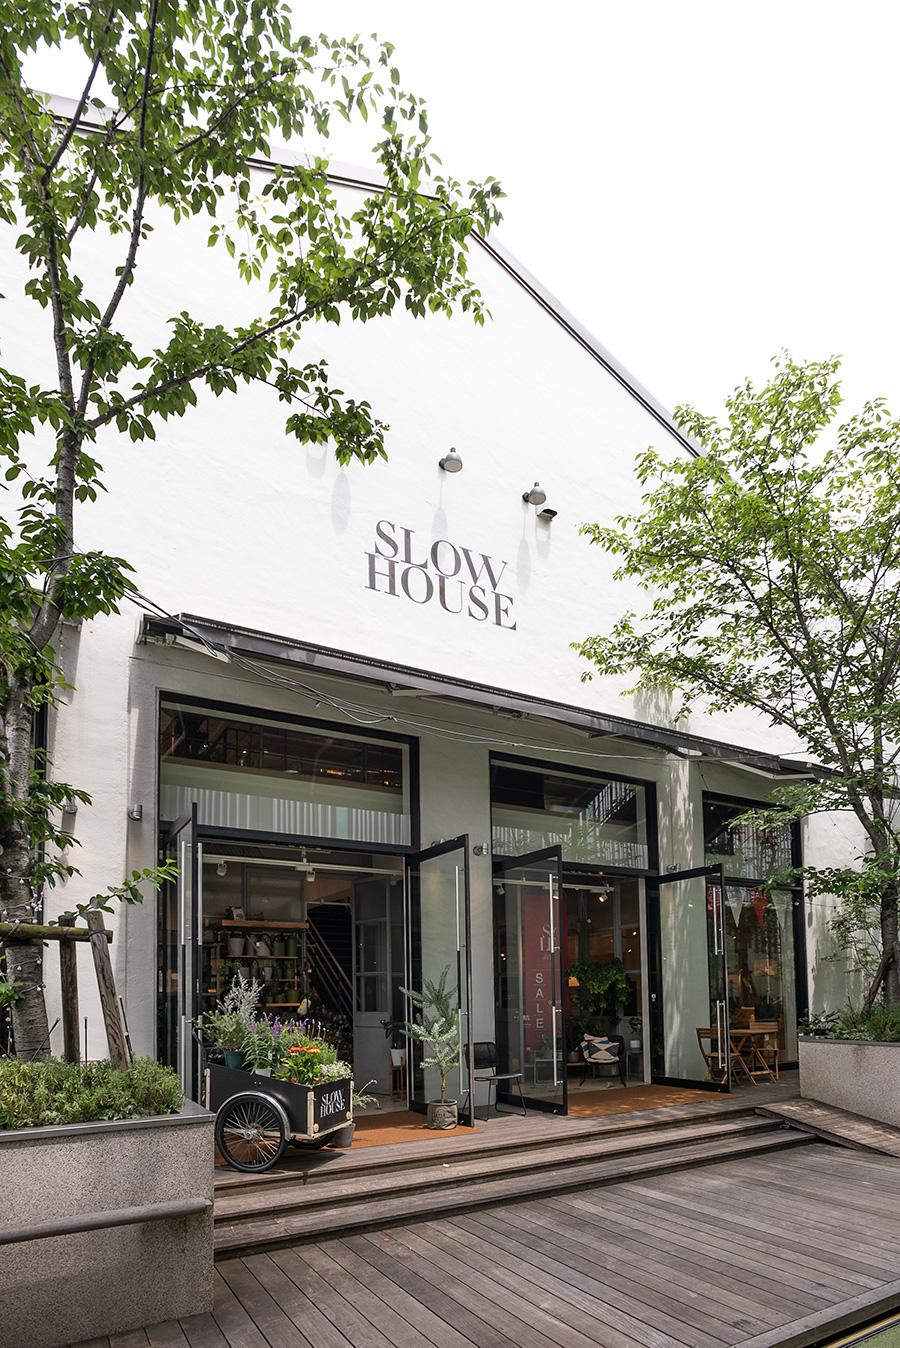 今回、ワークショップが行われたスローハウス天王洲。家具や雑貨はもちろん、各地から話題のグリーンや希少なグリーンを取り揃えて販売。各種ワークショップも定期的に開催している。